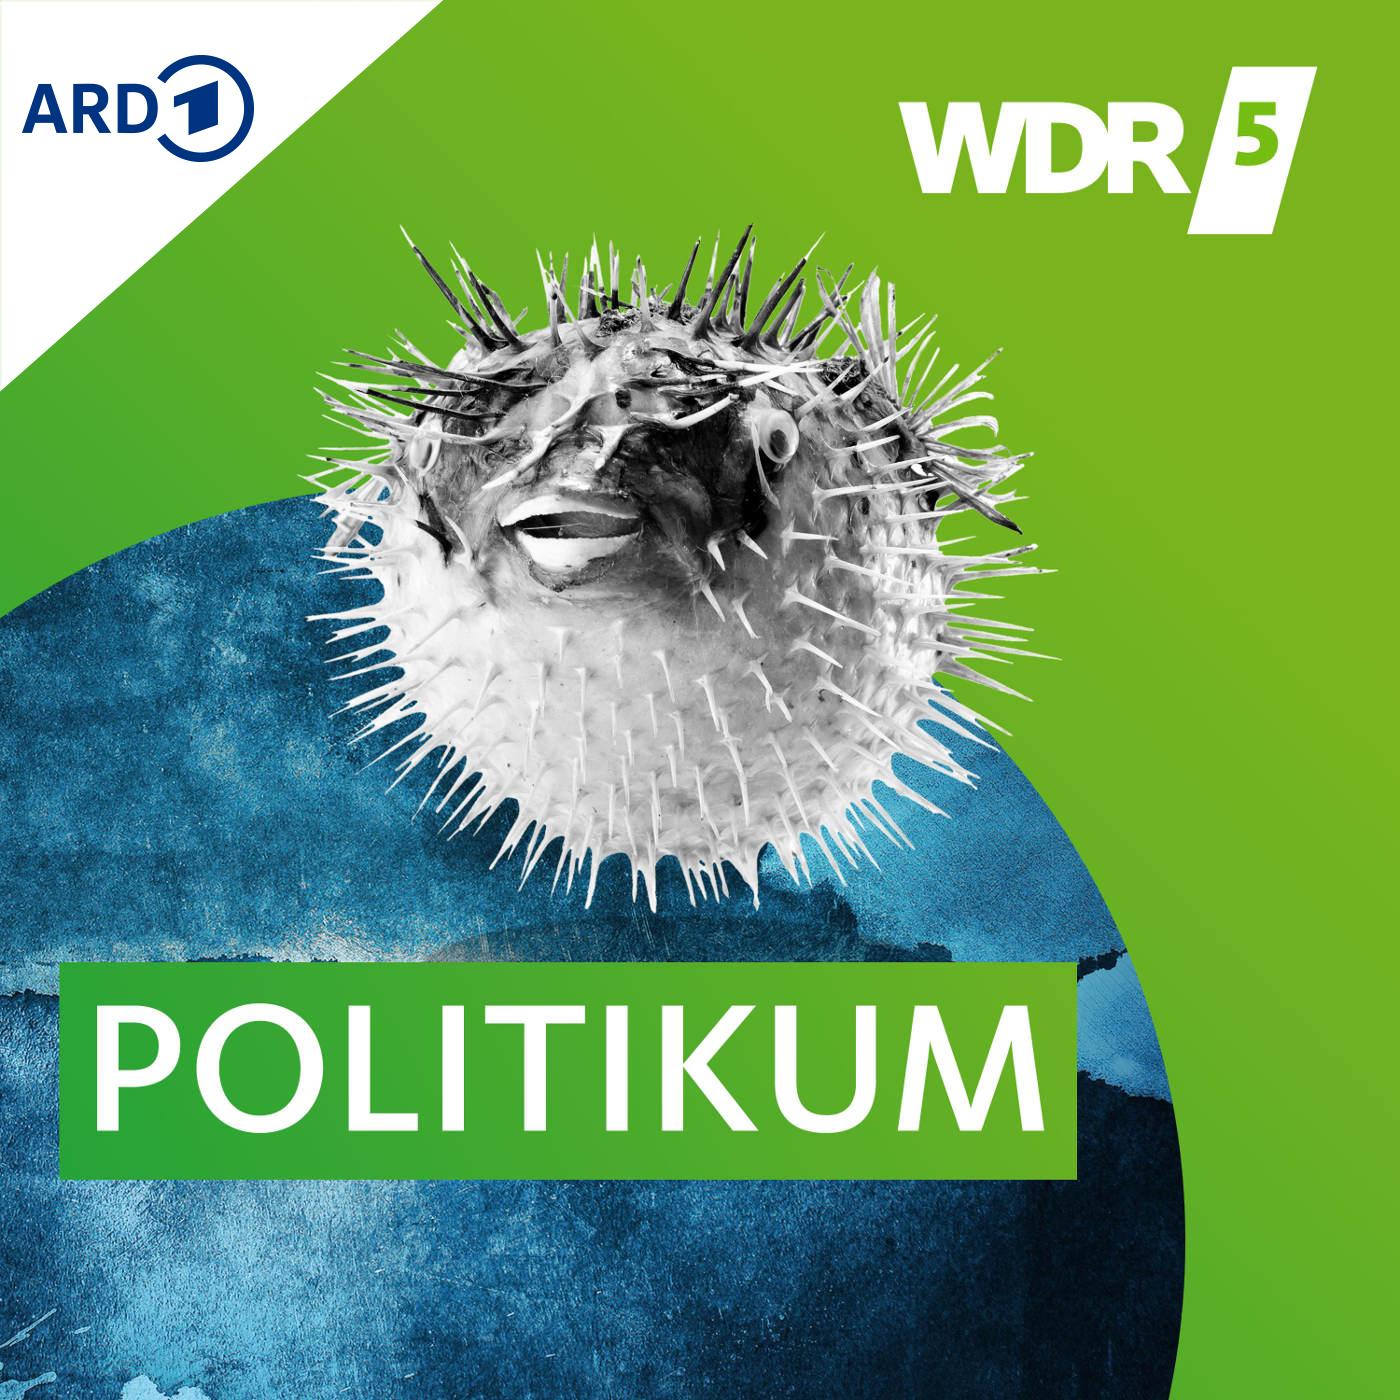 WDR 5 Politikum